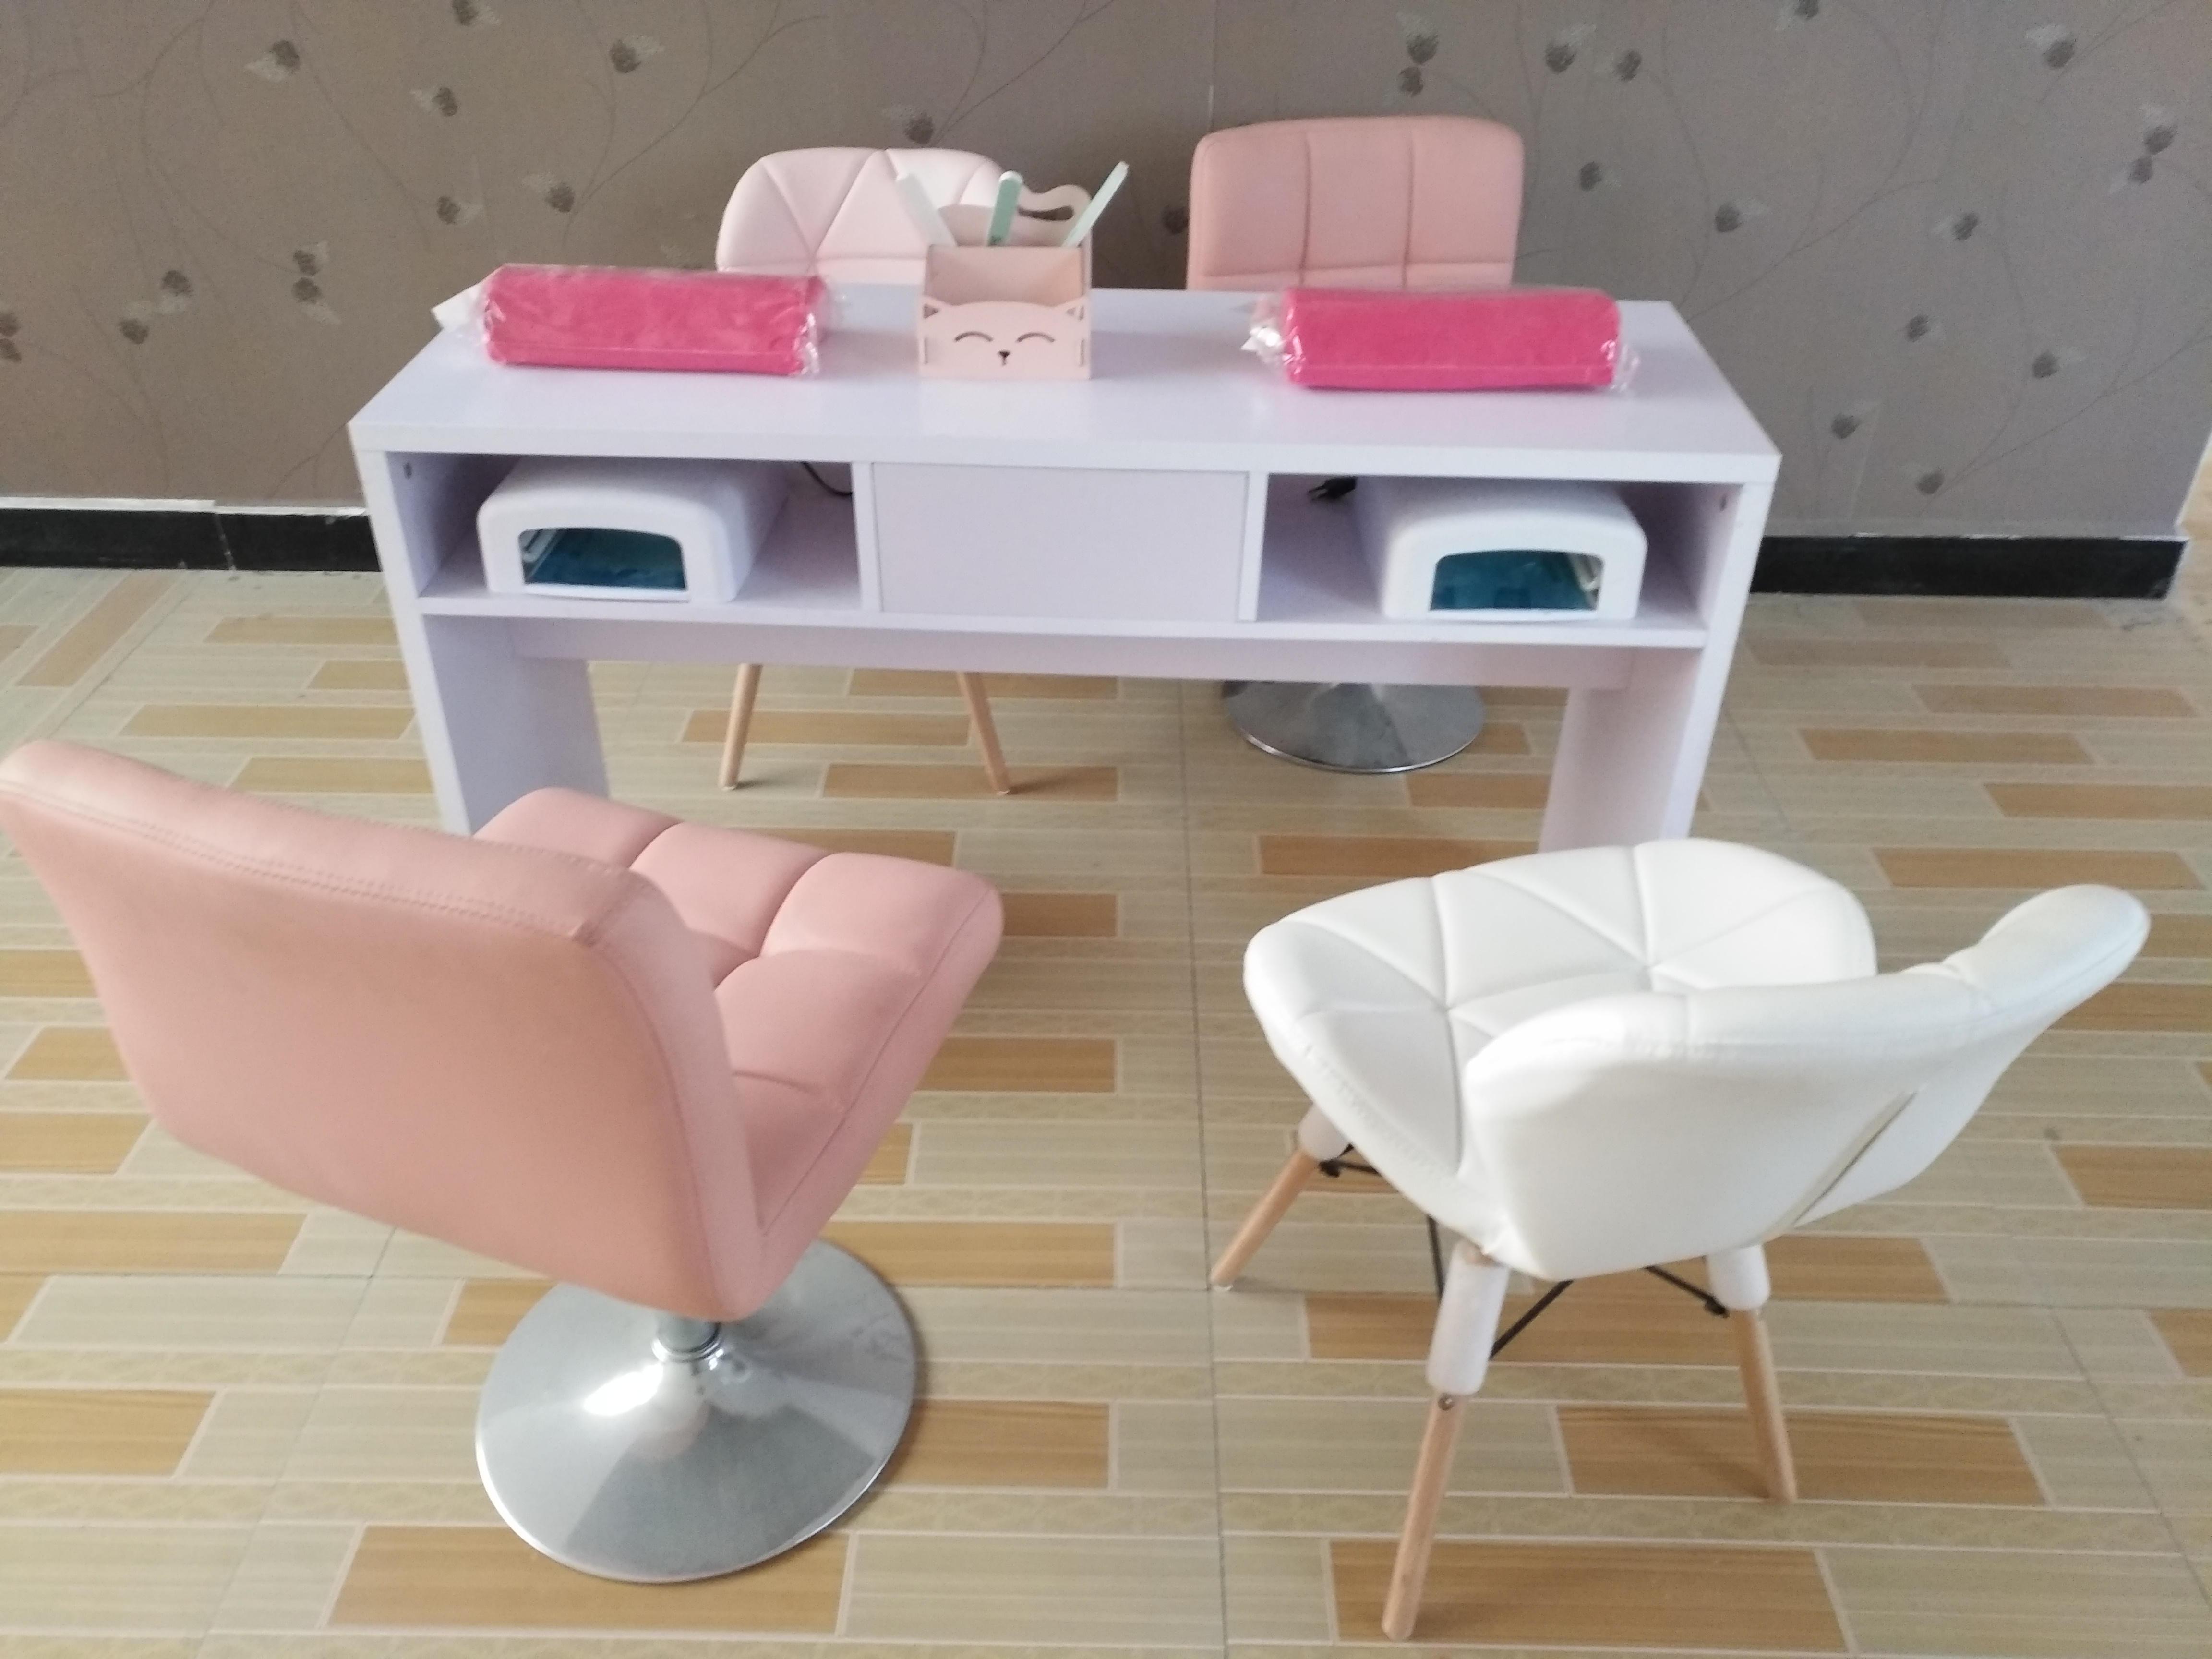 Простой один двойной три двойной гвоздь стол гвоздь тайвань ремонт броня тайвань составить столы и стулья сын стул